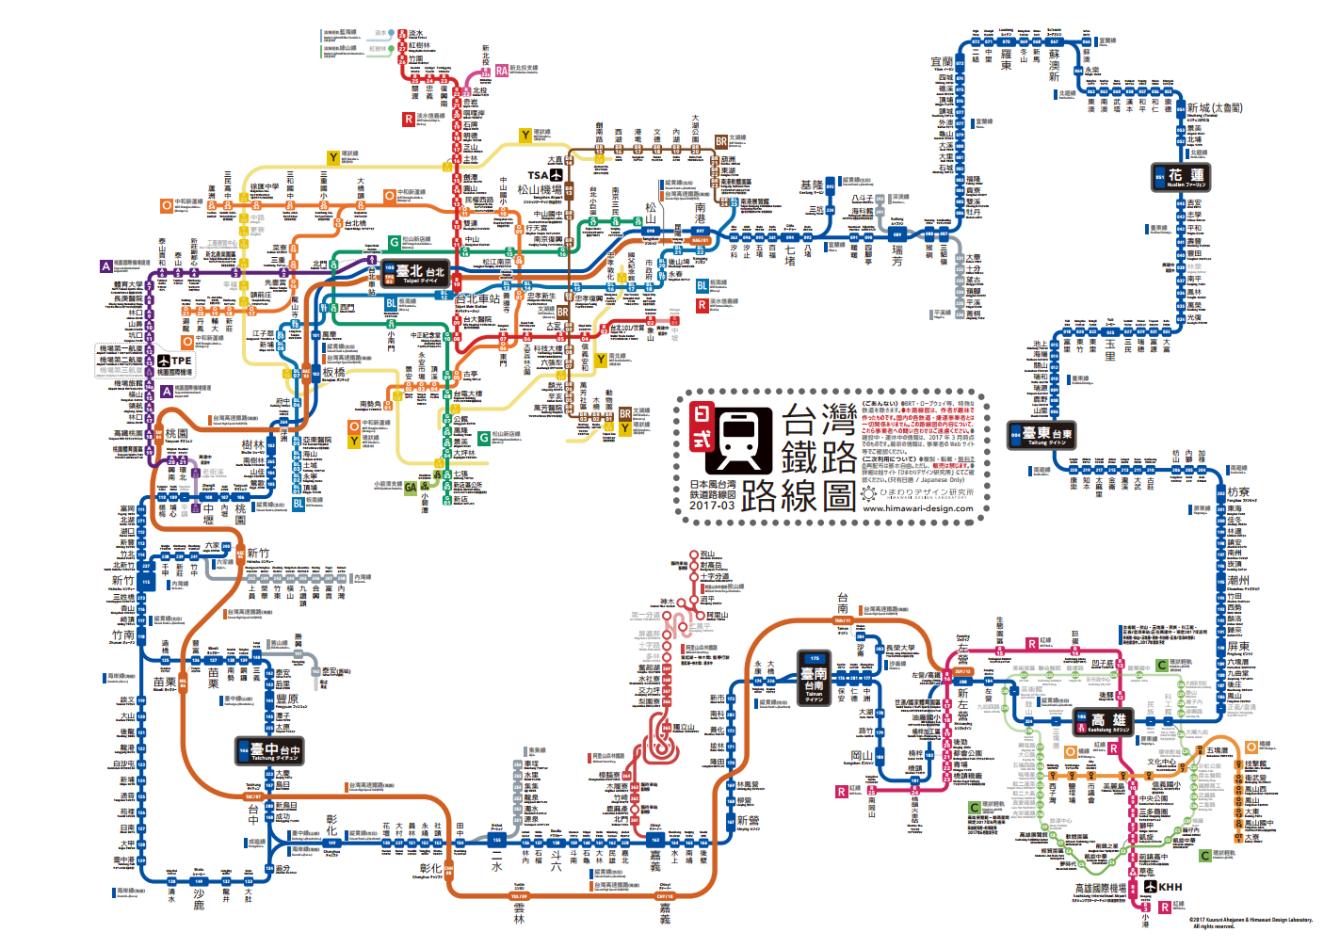 #日製「台灣鐵路路線圖」:將台灣所有鐵路一氣呵成串接集結! 4